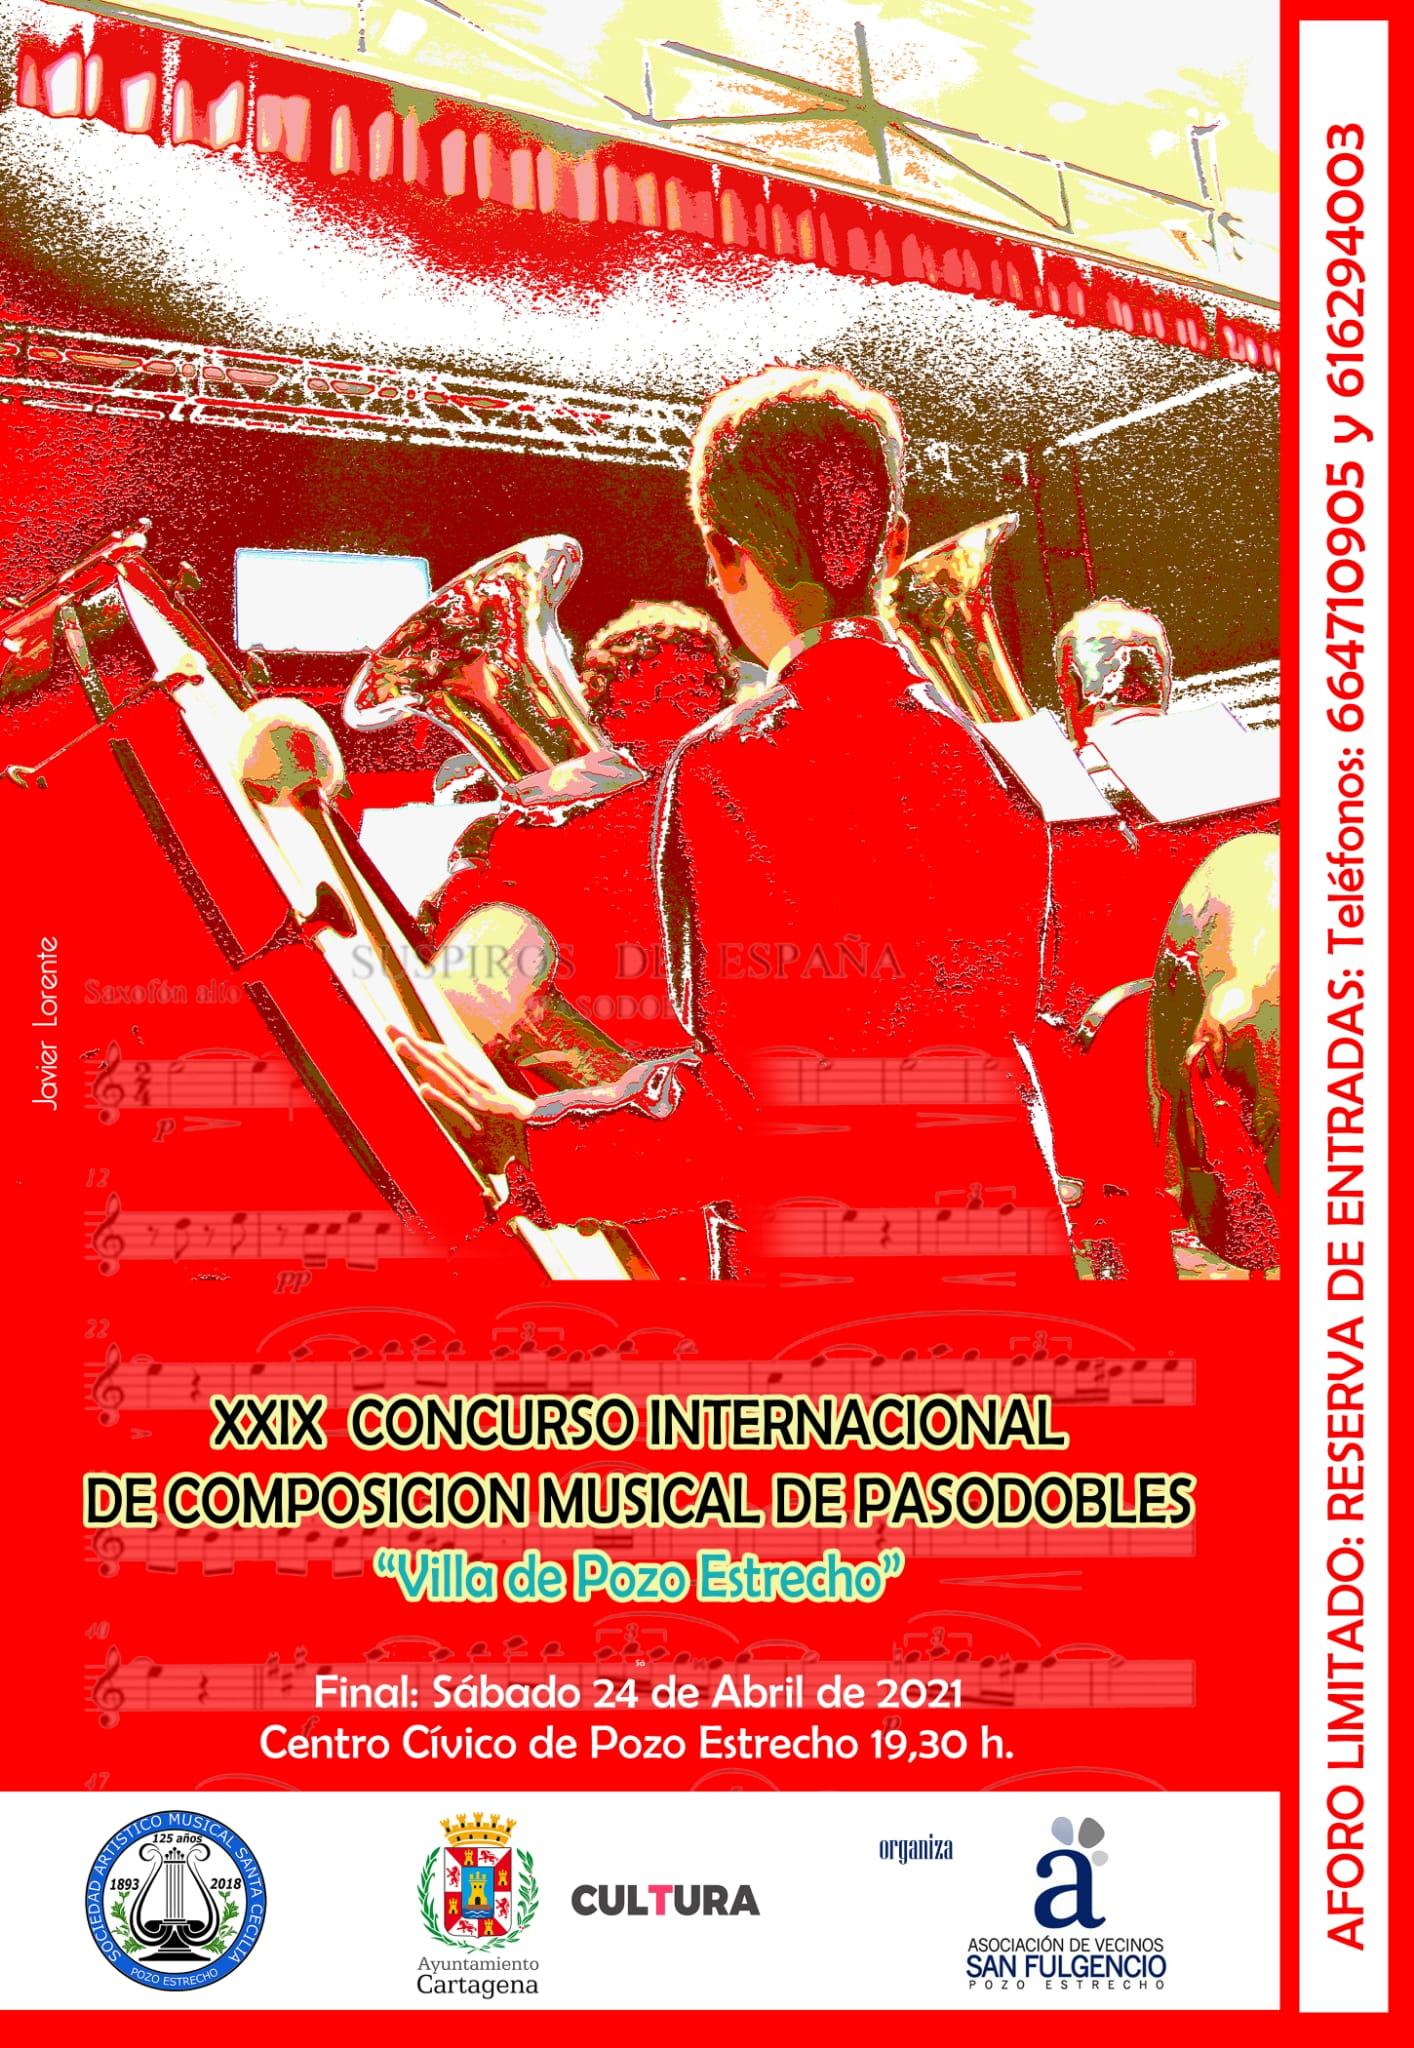 XXIX Concurso Internacional de Composición Musical de Pasodobles